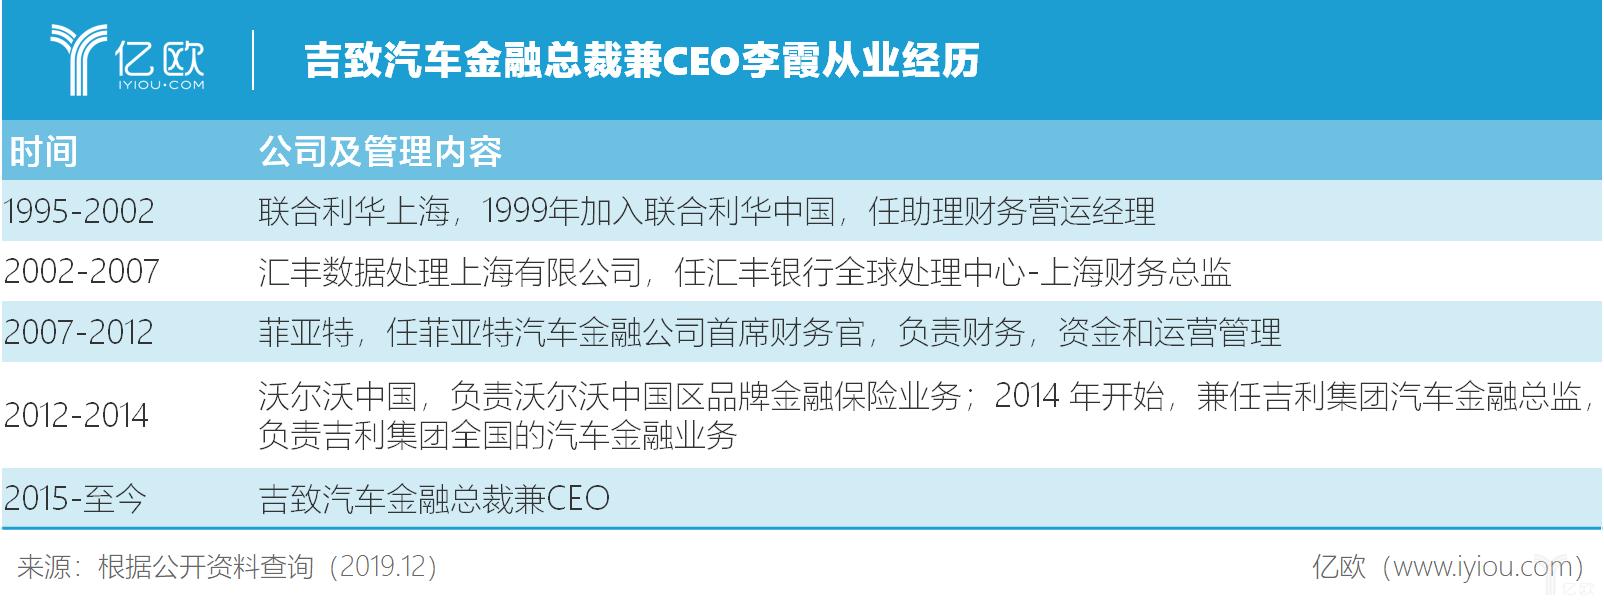 吉致汽车金融总裁兼CEO李霞从业经历